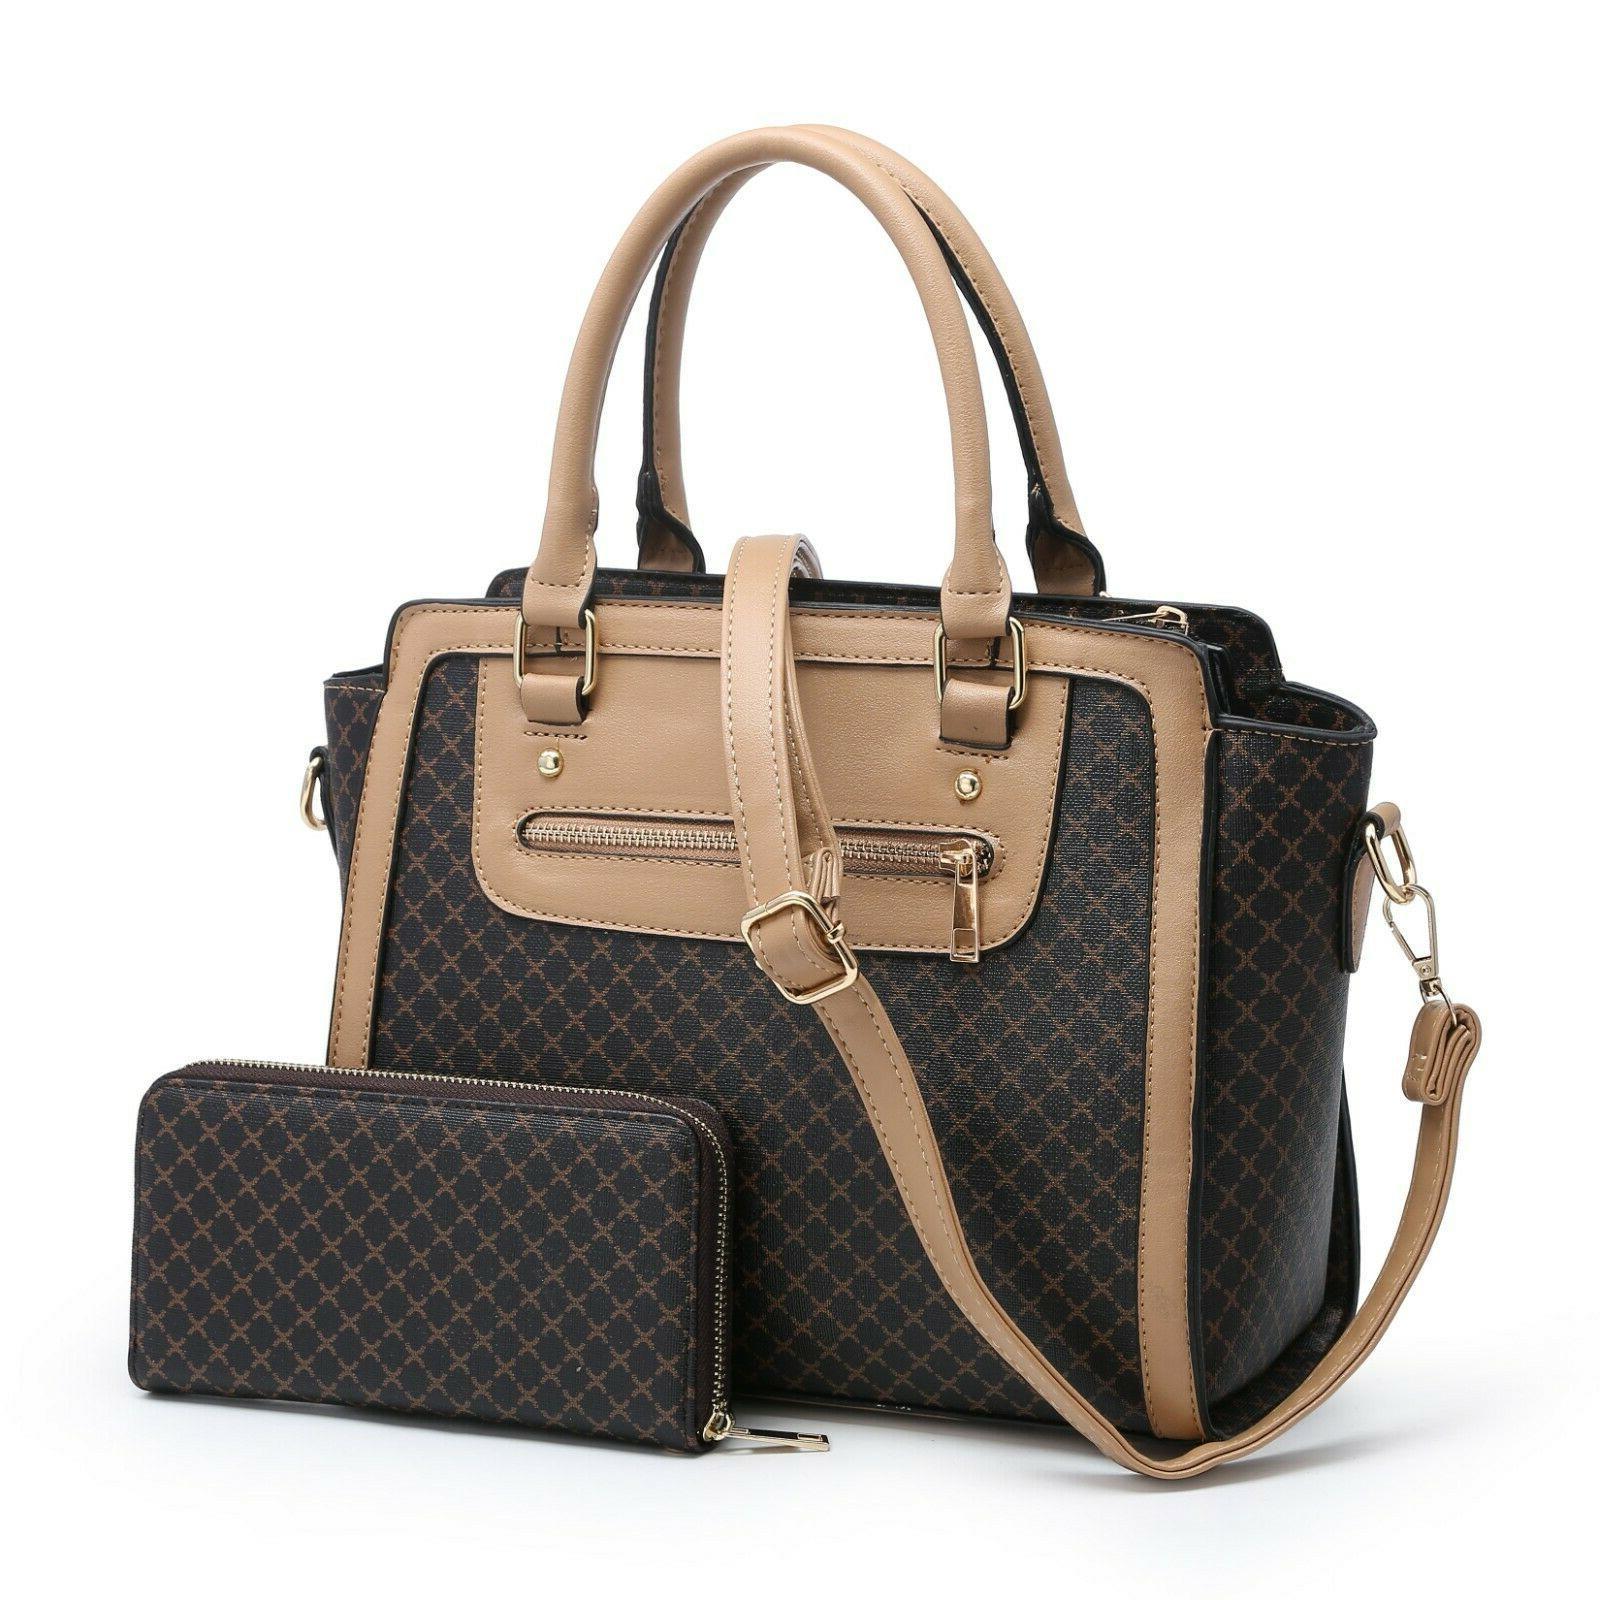 Women's Handbag Shoulder Bag Set